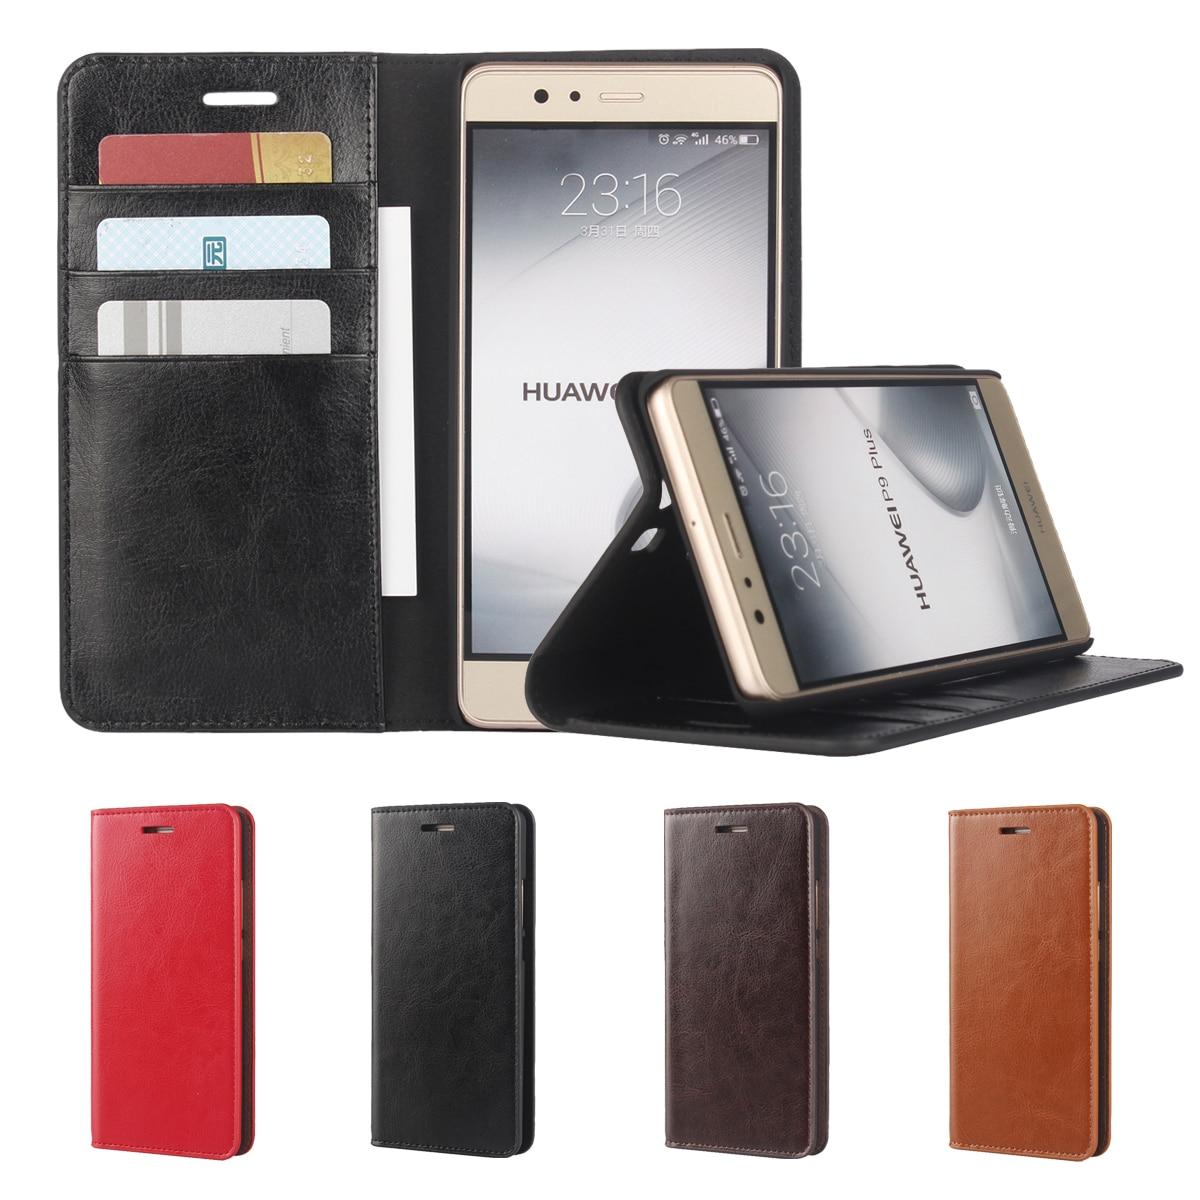 Цена за Люкс бумажник чехол для Huawei Ascend P9 Plus premium Кожаный чехол Huawei P9 плюс откидная крышка телефон Сумки